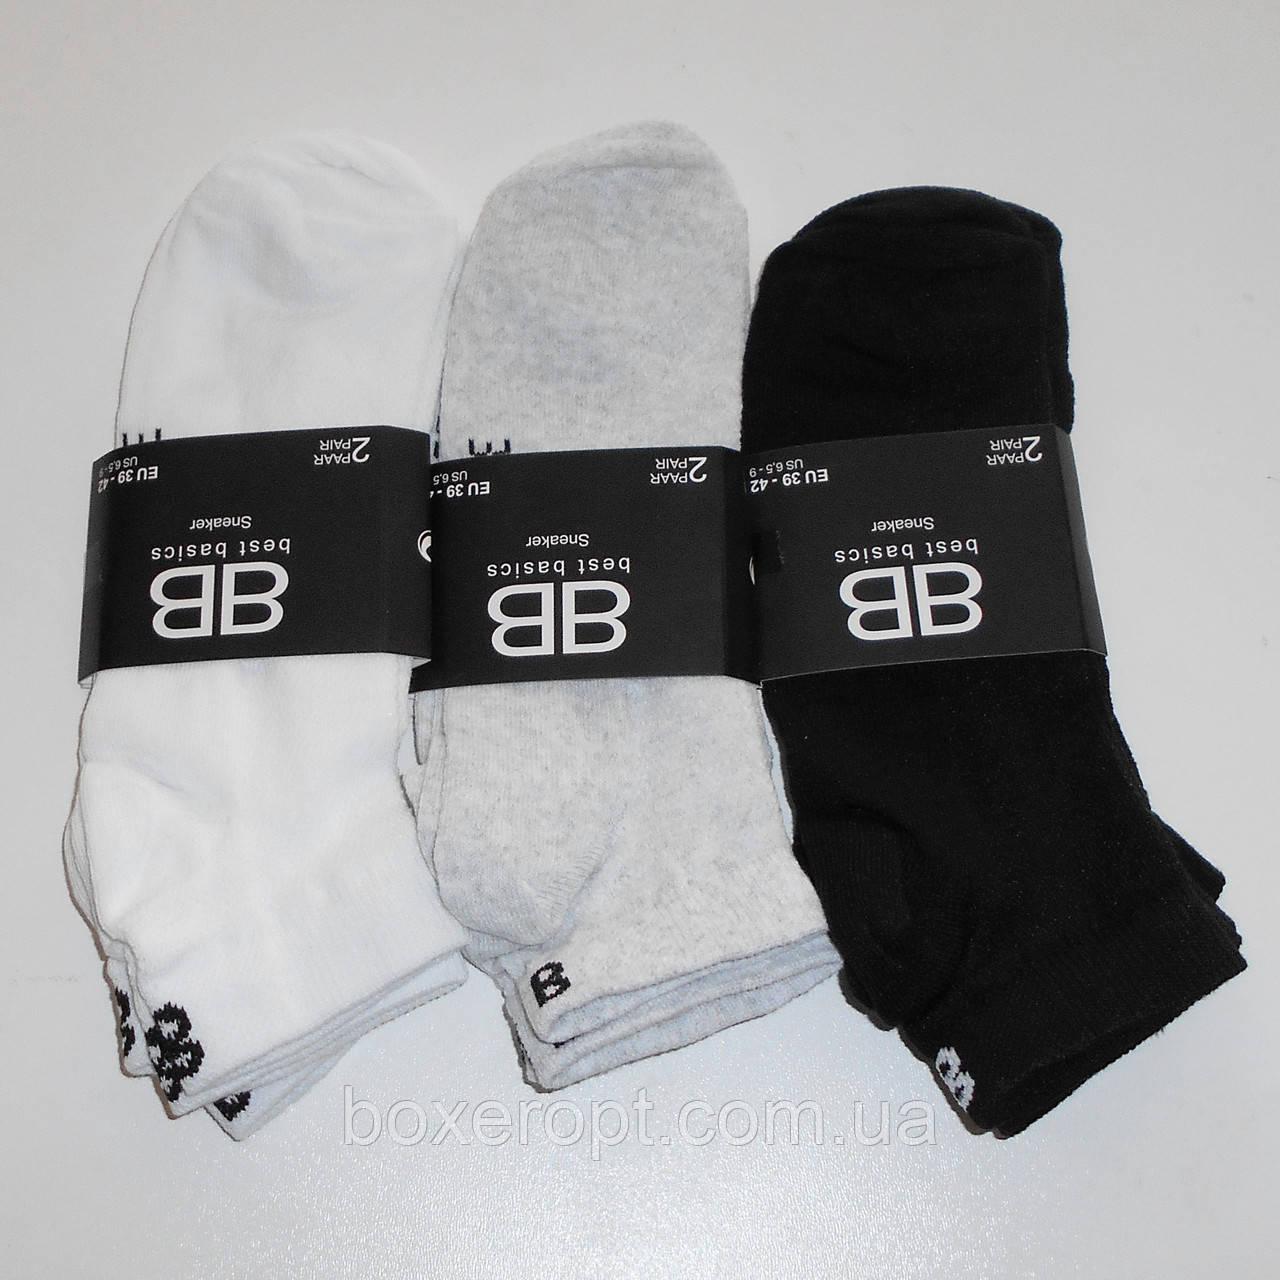 Мужские носки Best Basic - 6.00 грн./пара (сетка)